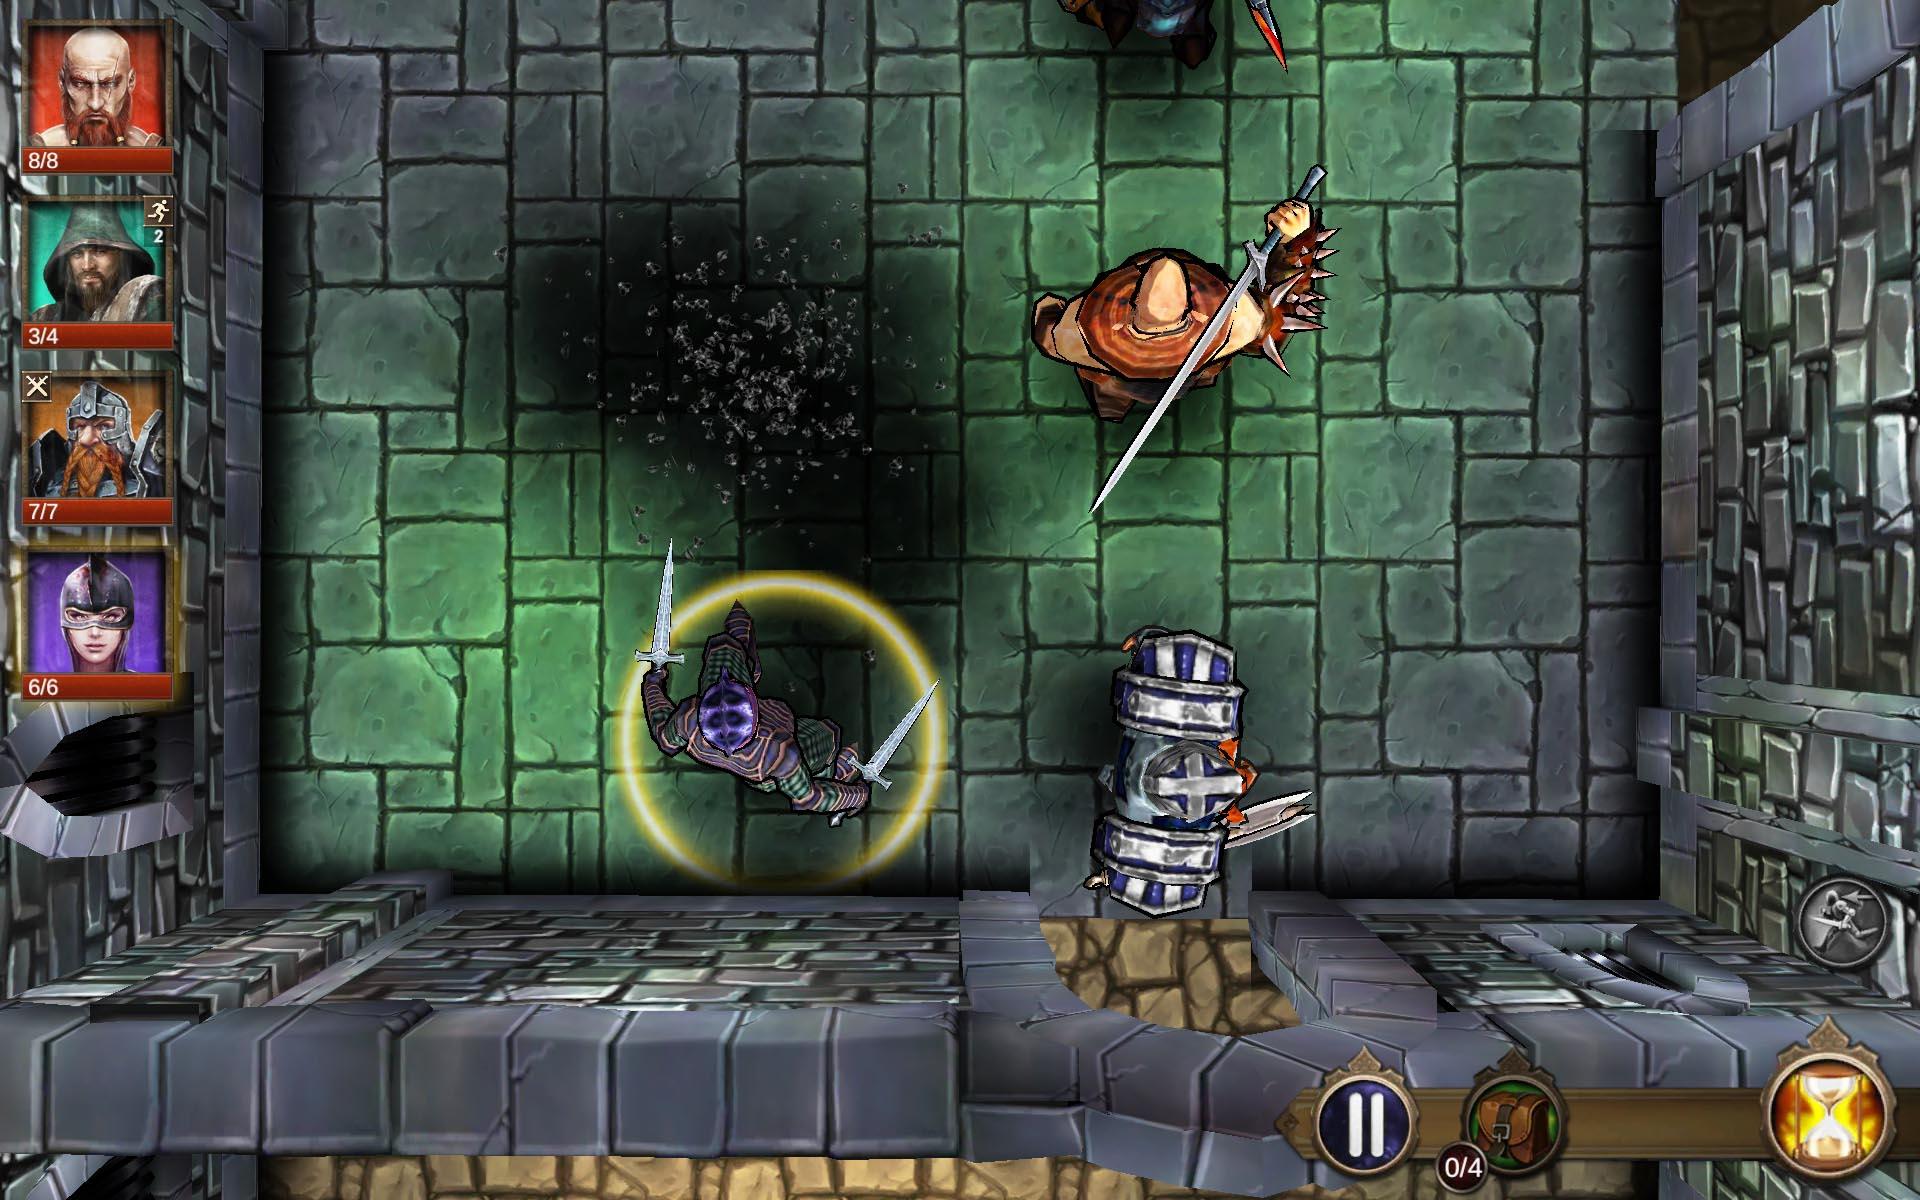 arcane quest screen 2 Arcane Quest, dungeon crawler inspirado en el mítico HeroQuest